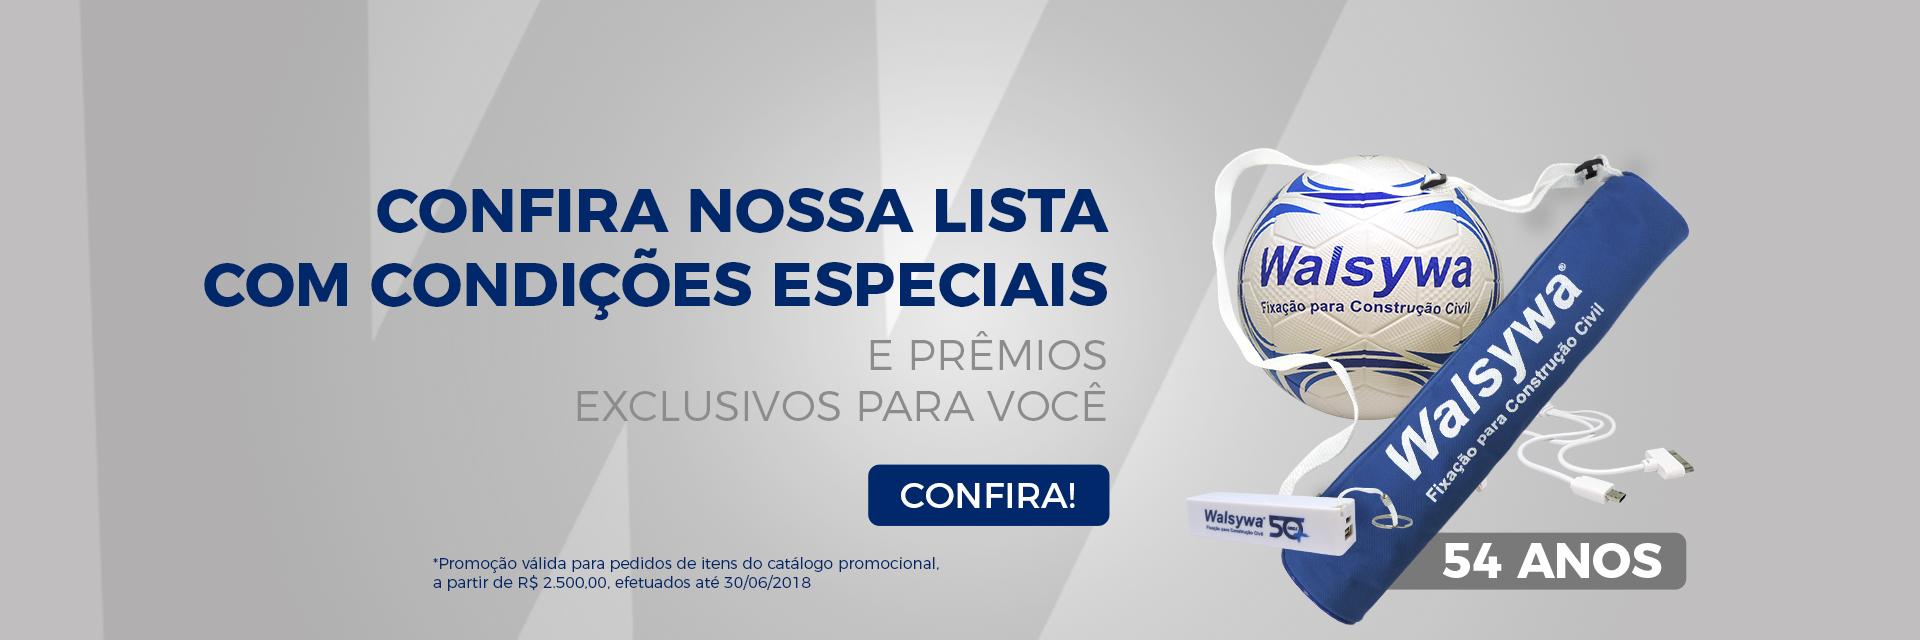 2274_BANNER_1024x341px_Campanha_54_anos_B